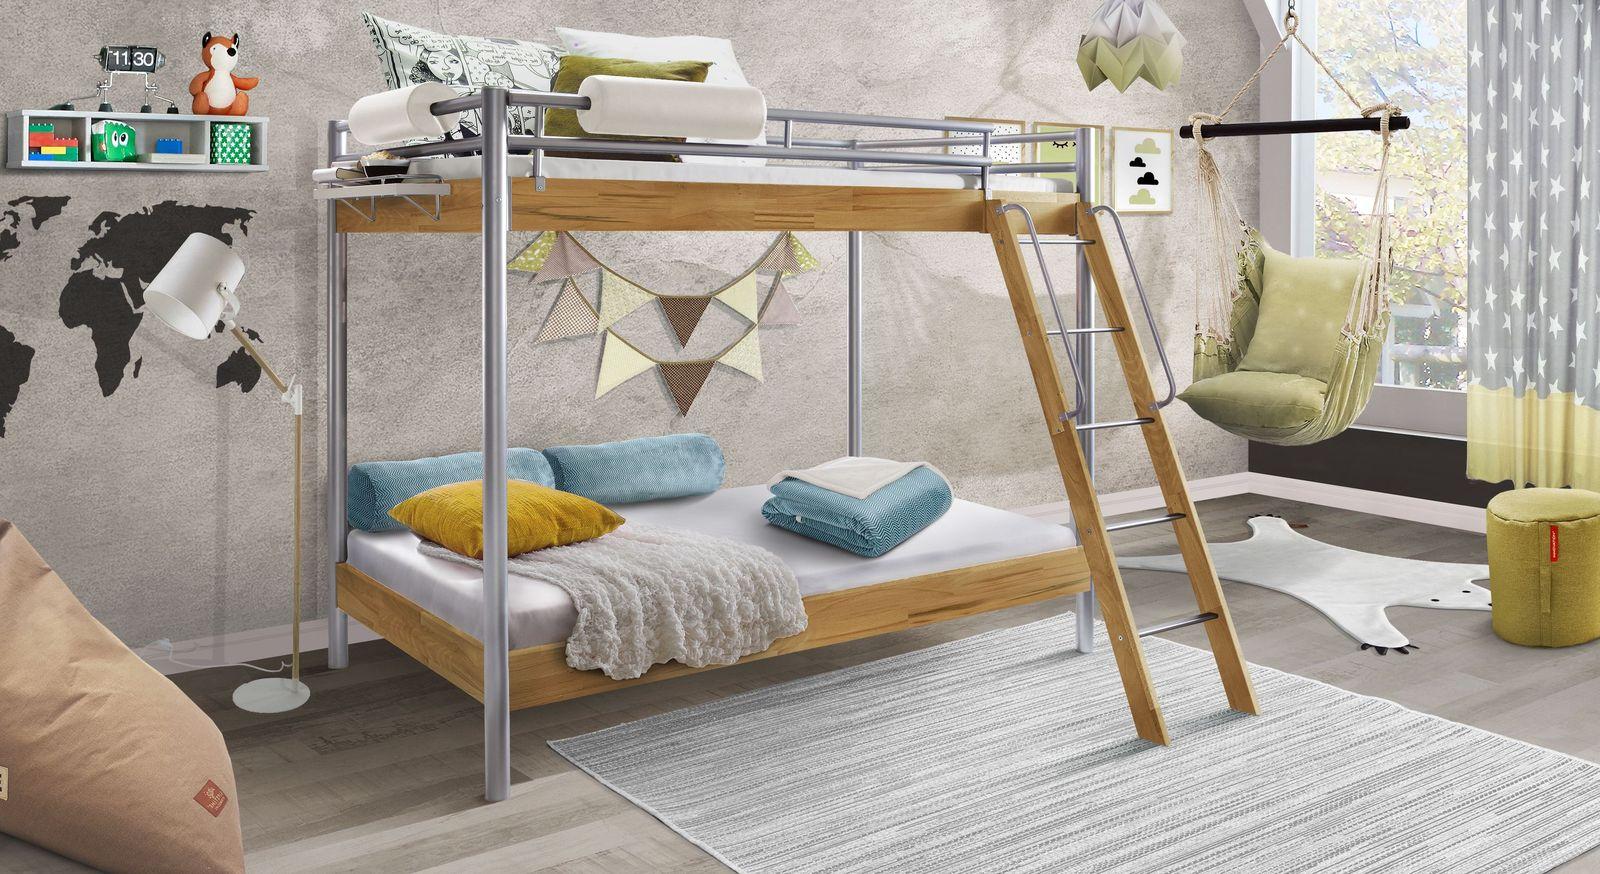 Etagenbett Metall Günstig : Stockbett aus metall und kernbuche in zwei breiten steven